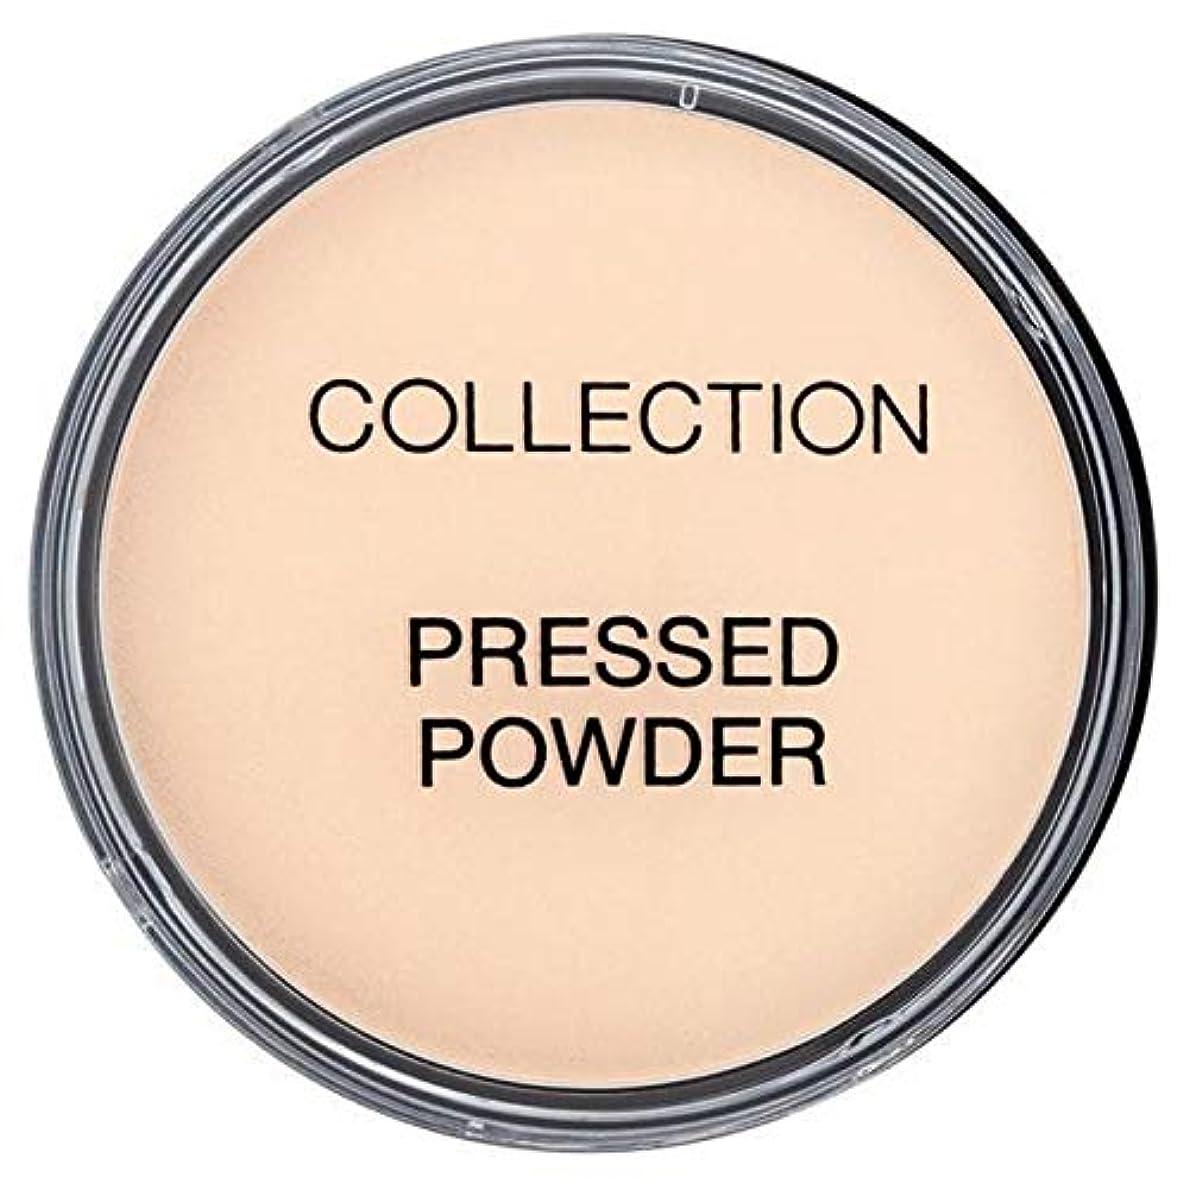 いいね大臣風邪をひく[Collection ] コレクションは、粉末17グラムのろうそく1を押します - Collection Pressed Powder 17g Candlelight 1 [並行輸入品]